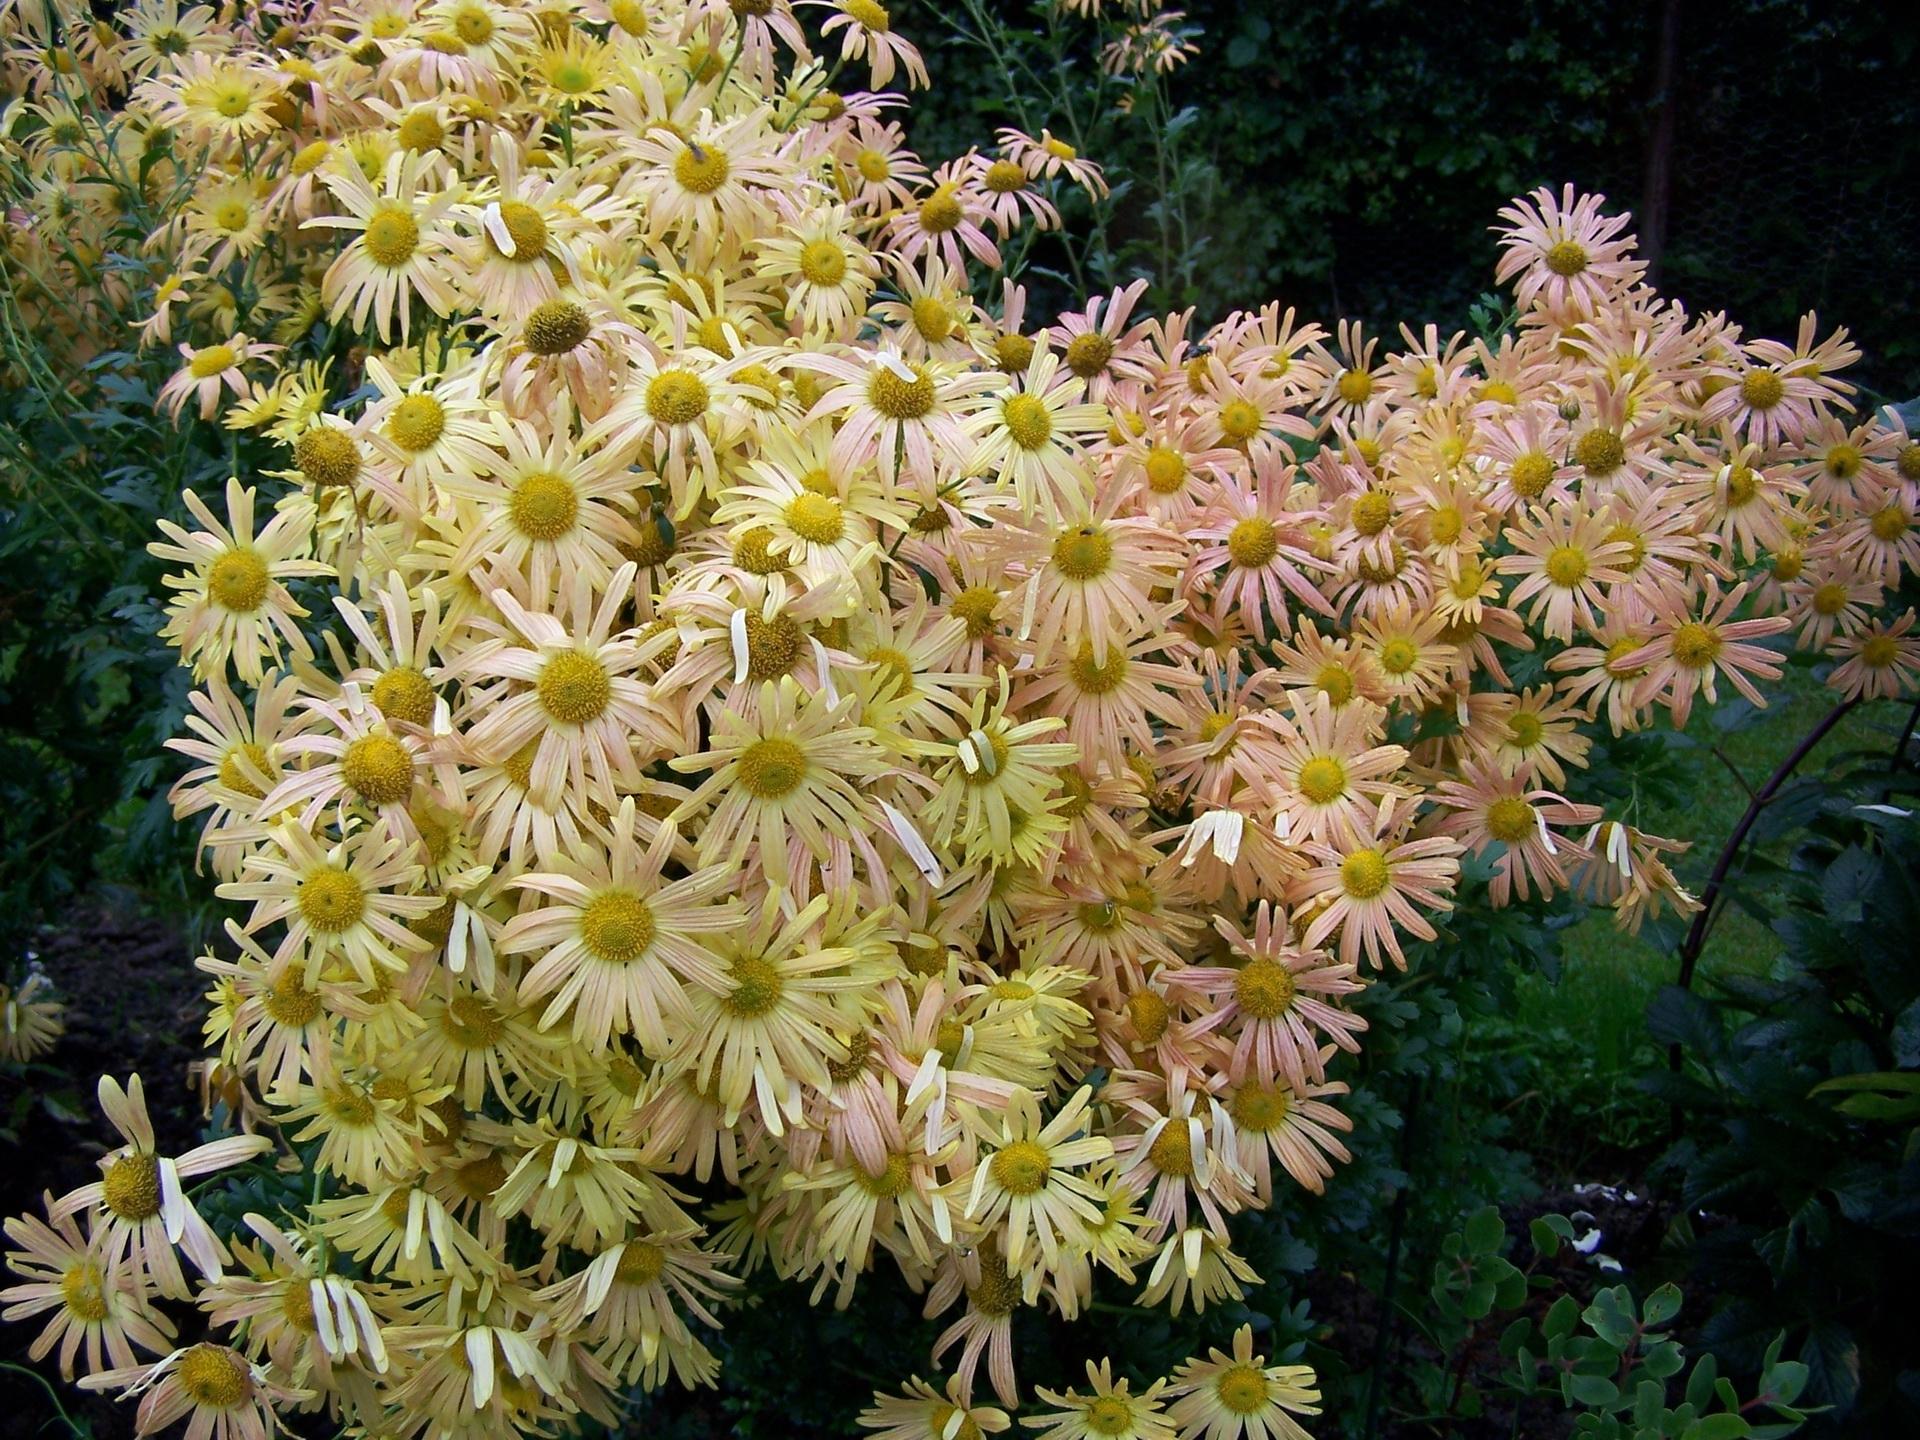 136528 скачать обои Цветы, Сад, Зелень, Много, Хризантемы - заставки и картинки бесплатно